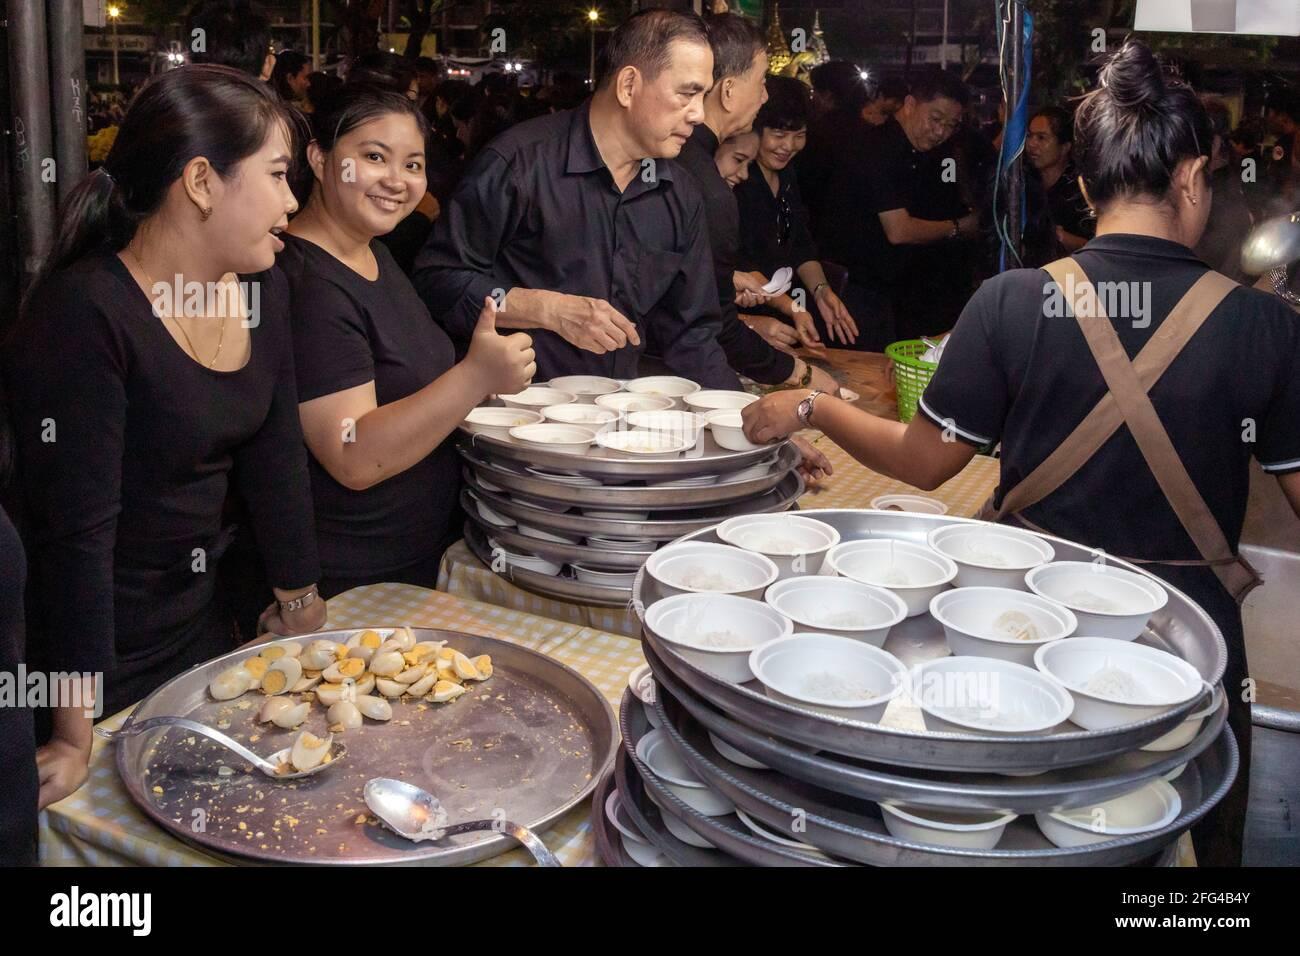 Trauernde, die Essen bekommen, König Bhumipol, Rama IX, Bangkok, Thailand Stockfoto